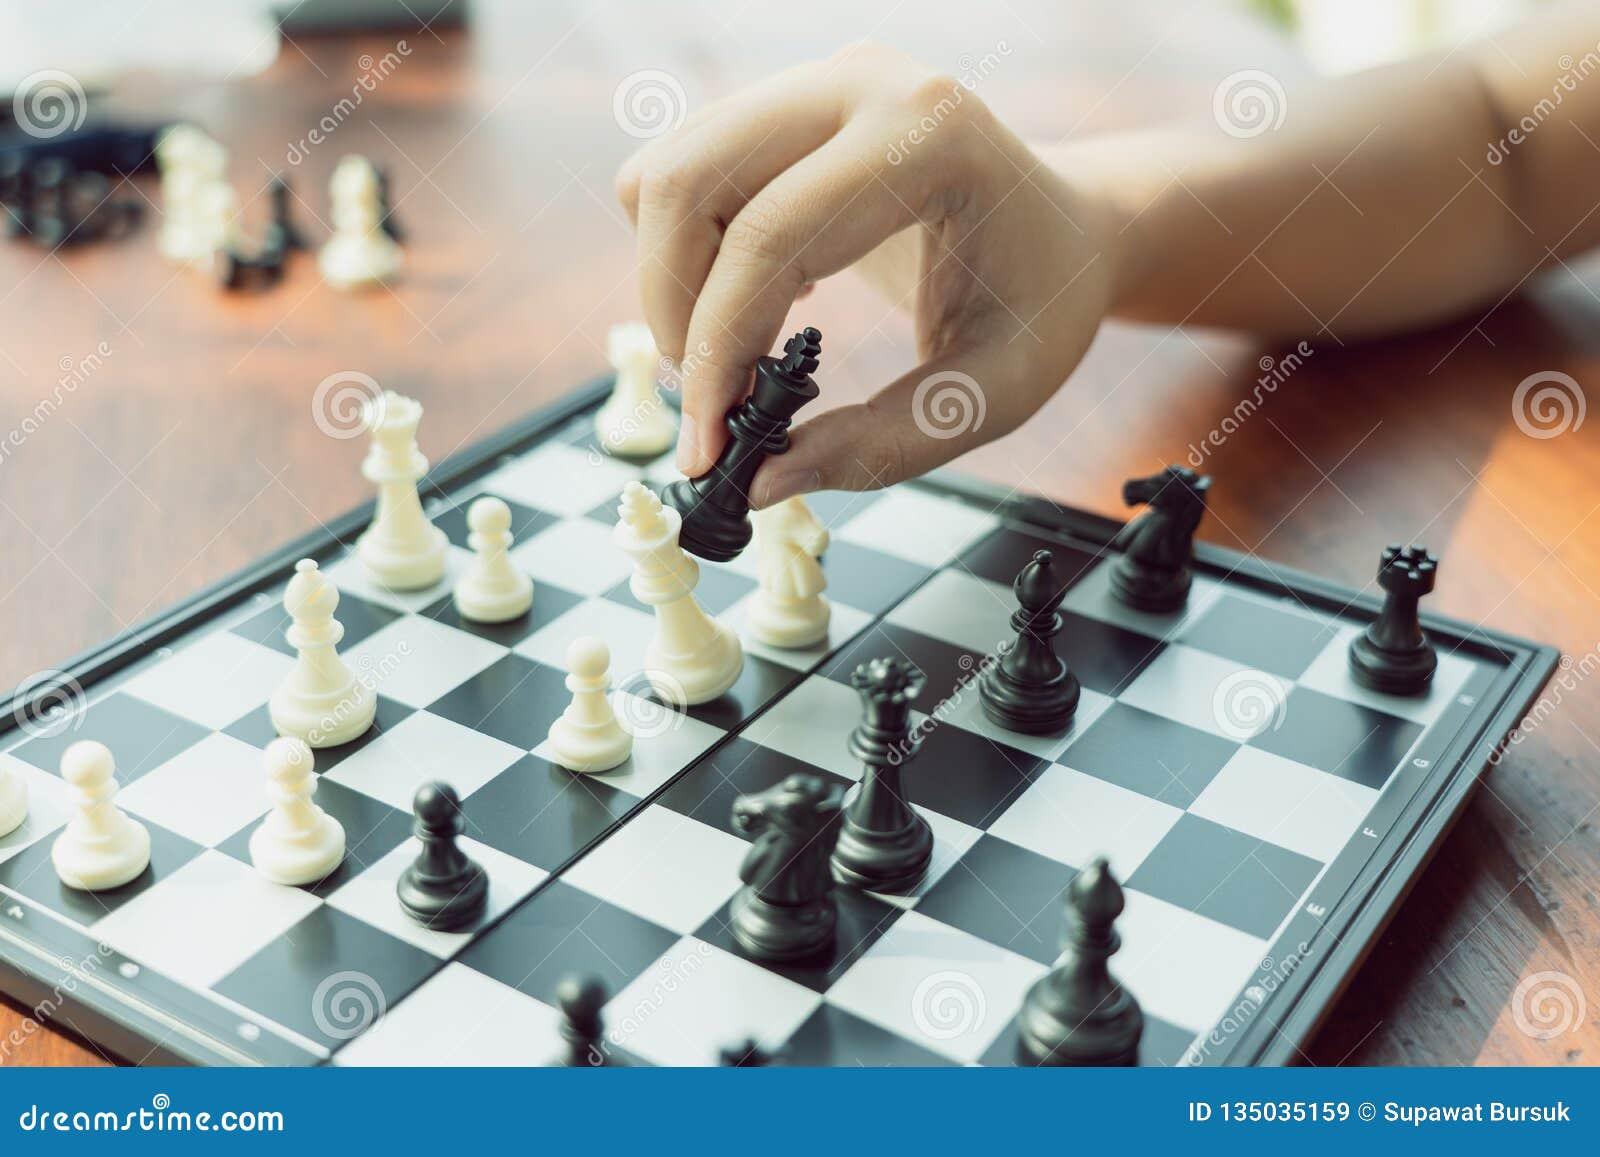 Бизнесмен держа короля Шахмат помещен на доске использование как концепция дела предпосылки и концепция стратегии с экземпляром